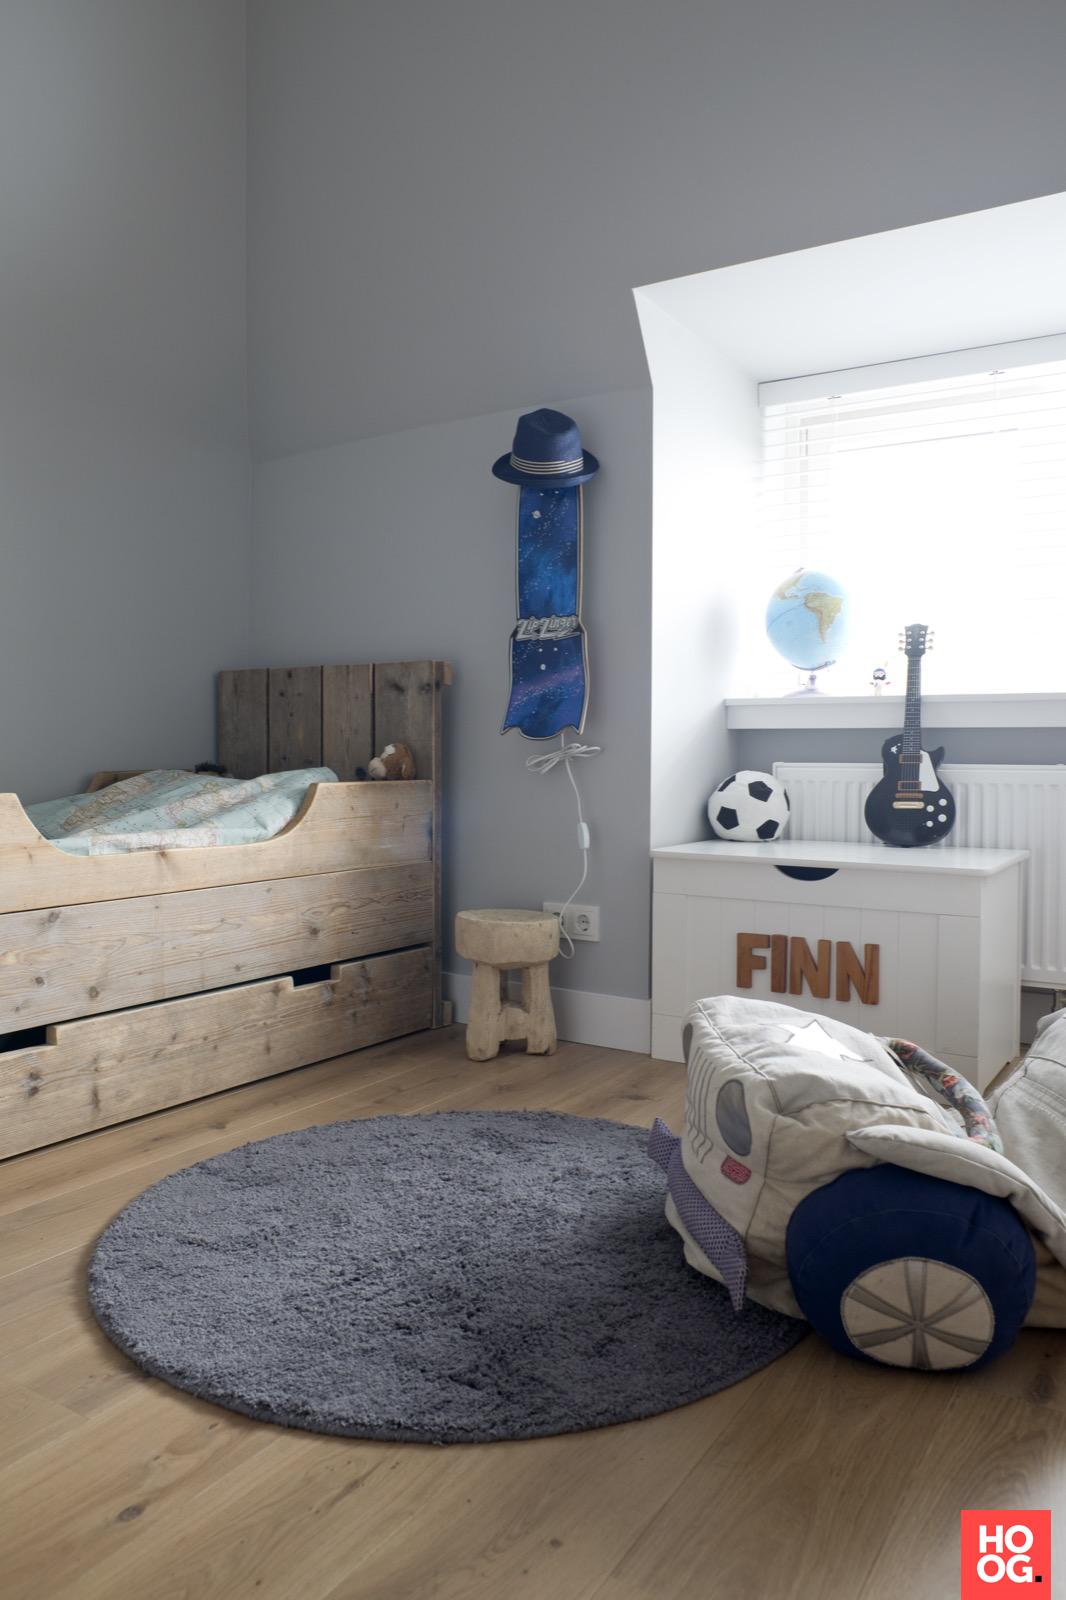 kinder slaapkamer | In Toom - Stadsvilla | slaapkamer inspiratie ...